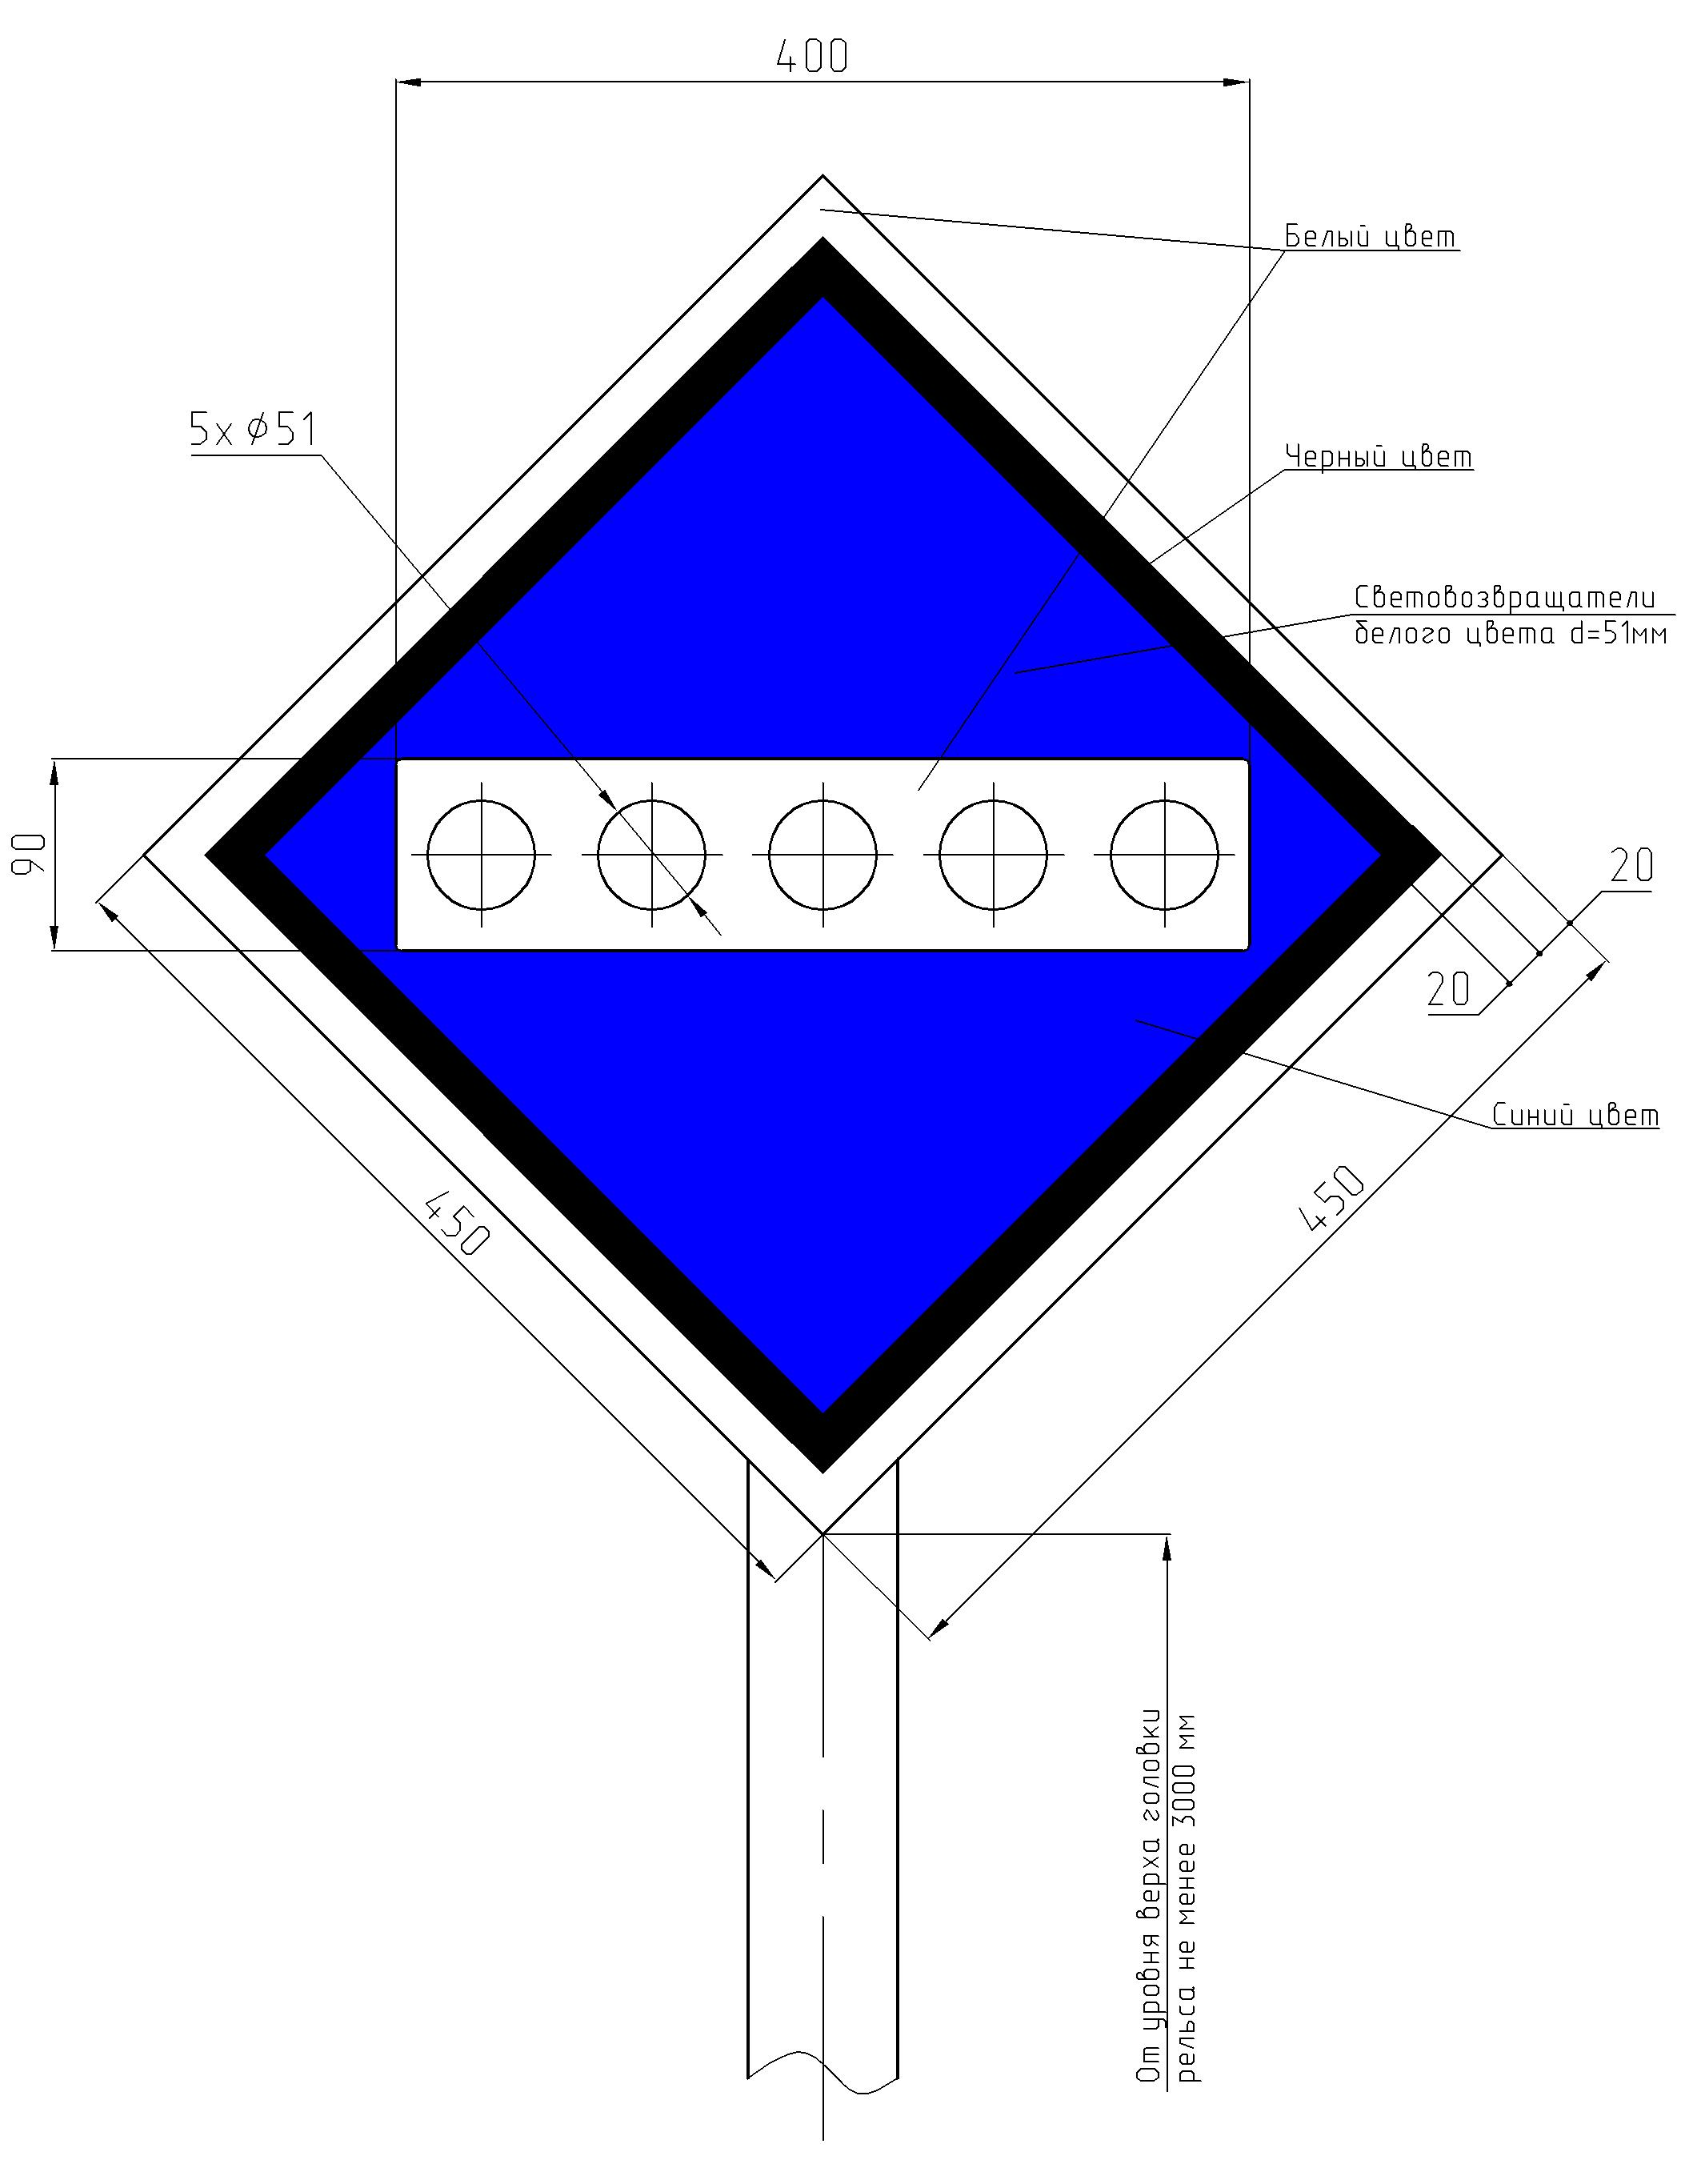 Рисунок 35. Временный сигнальный знак «Опустить токоприемник»